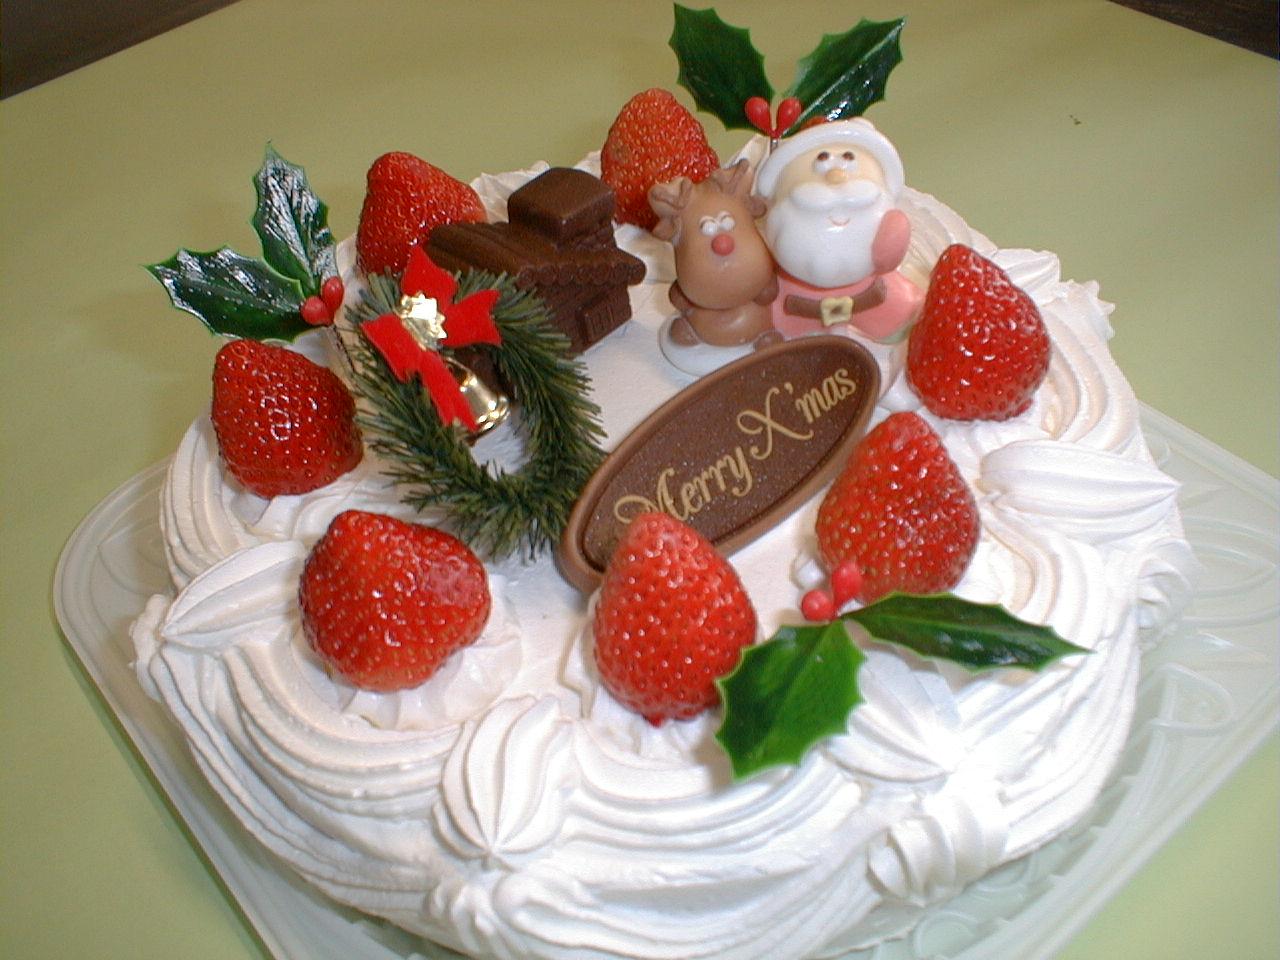 ♪クリスマス特集♪クリスマスケーキ!いつでもどうぞ!:画像